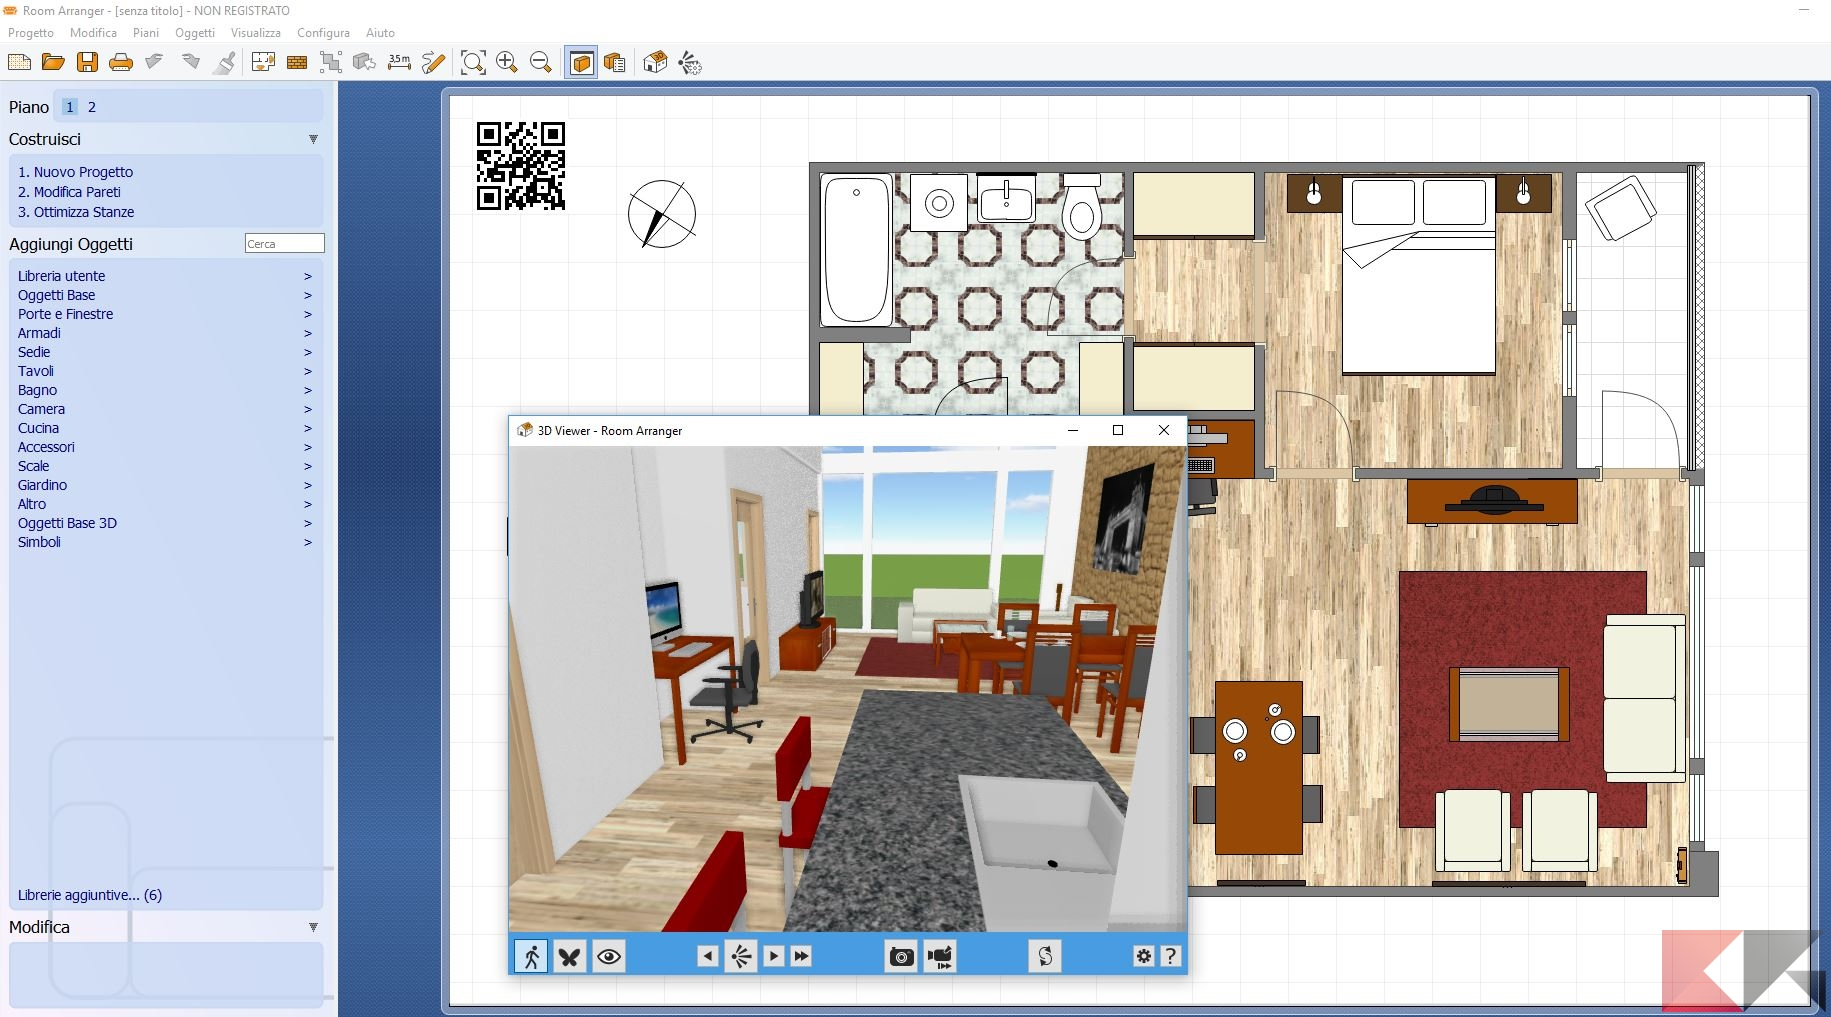 i migliori programmi per arredare casa - chimerarevo - Arredare Casa Free Software